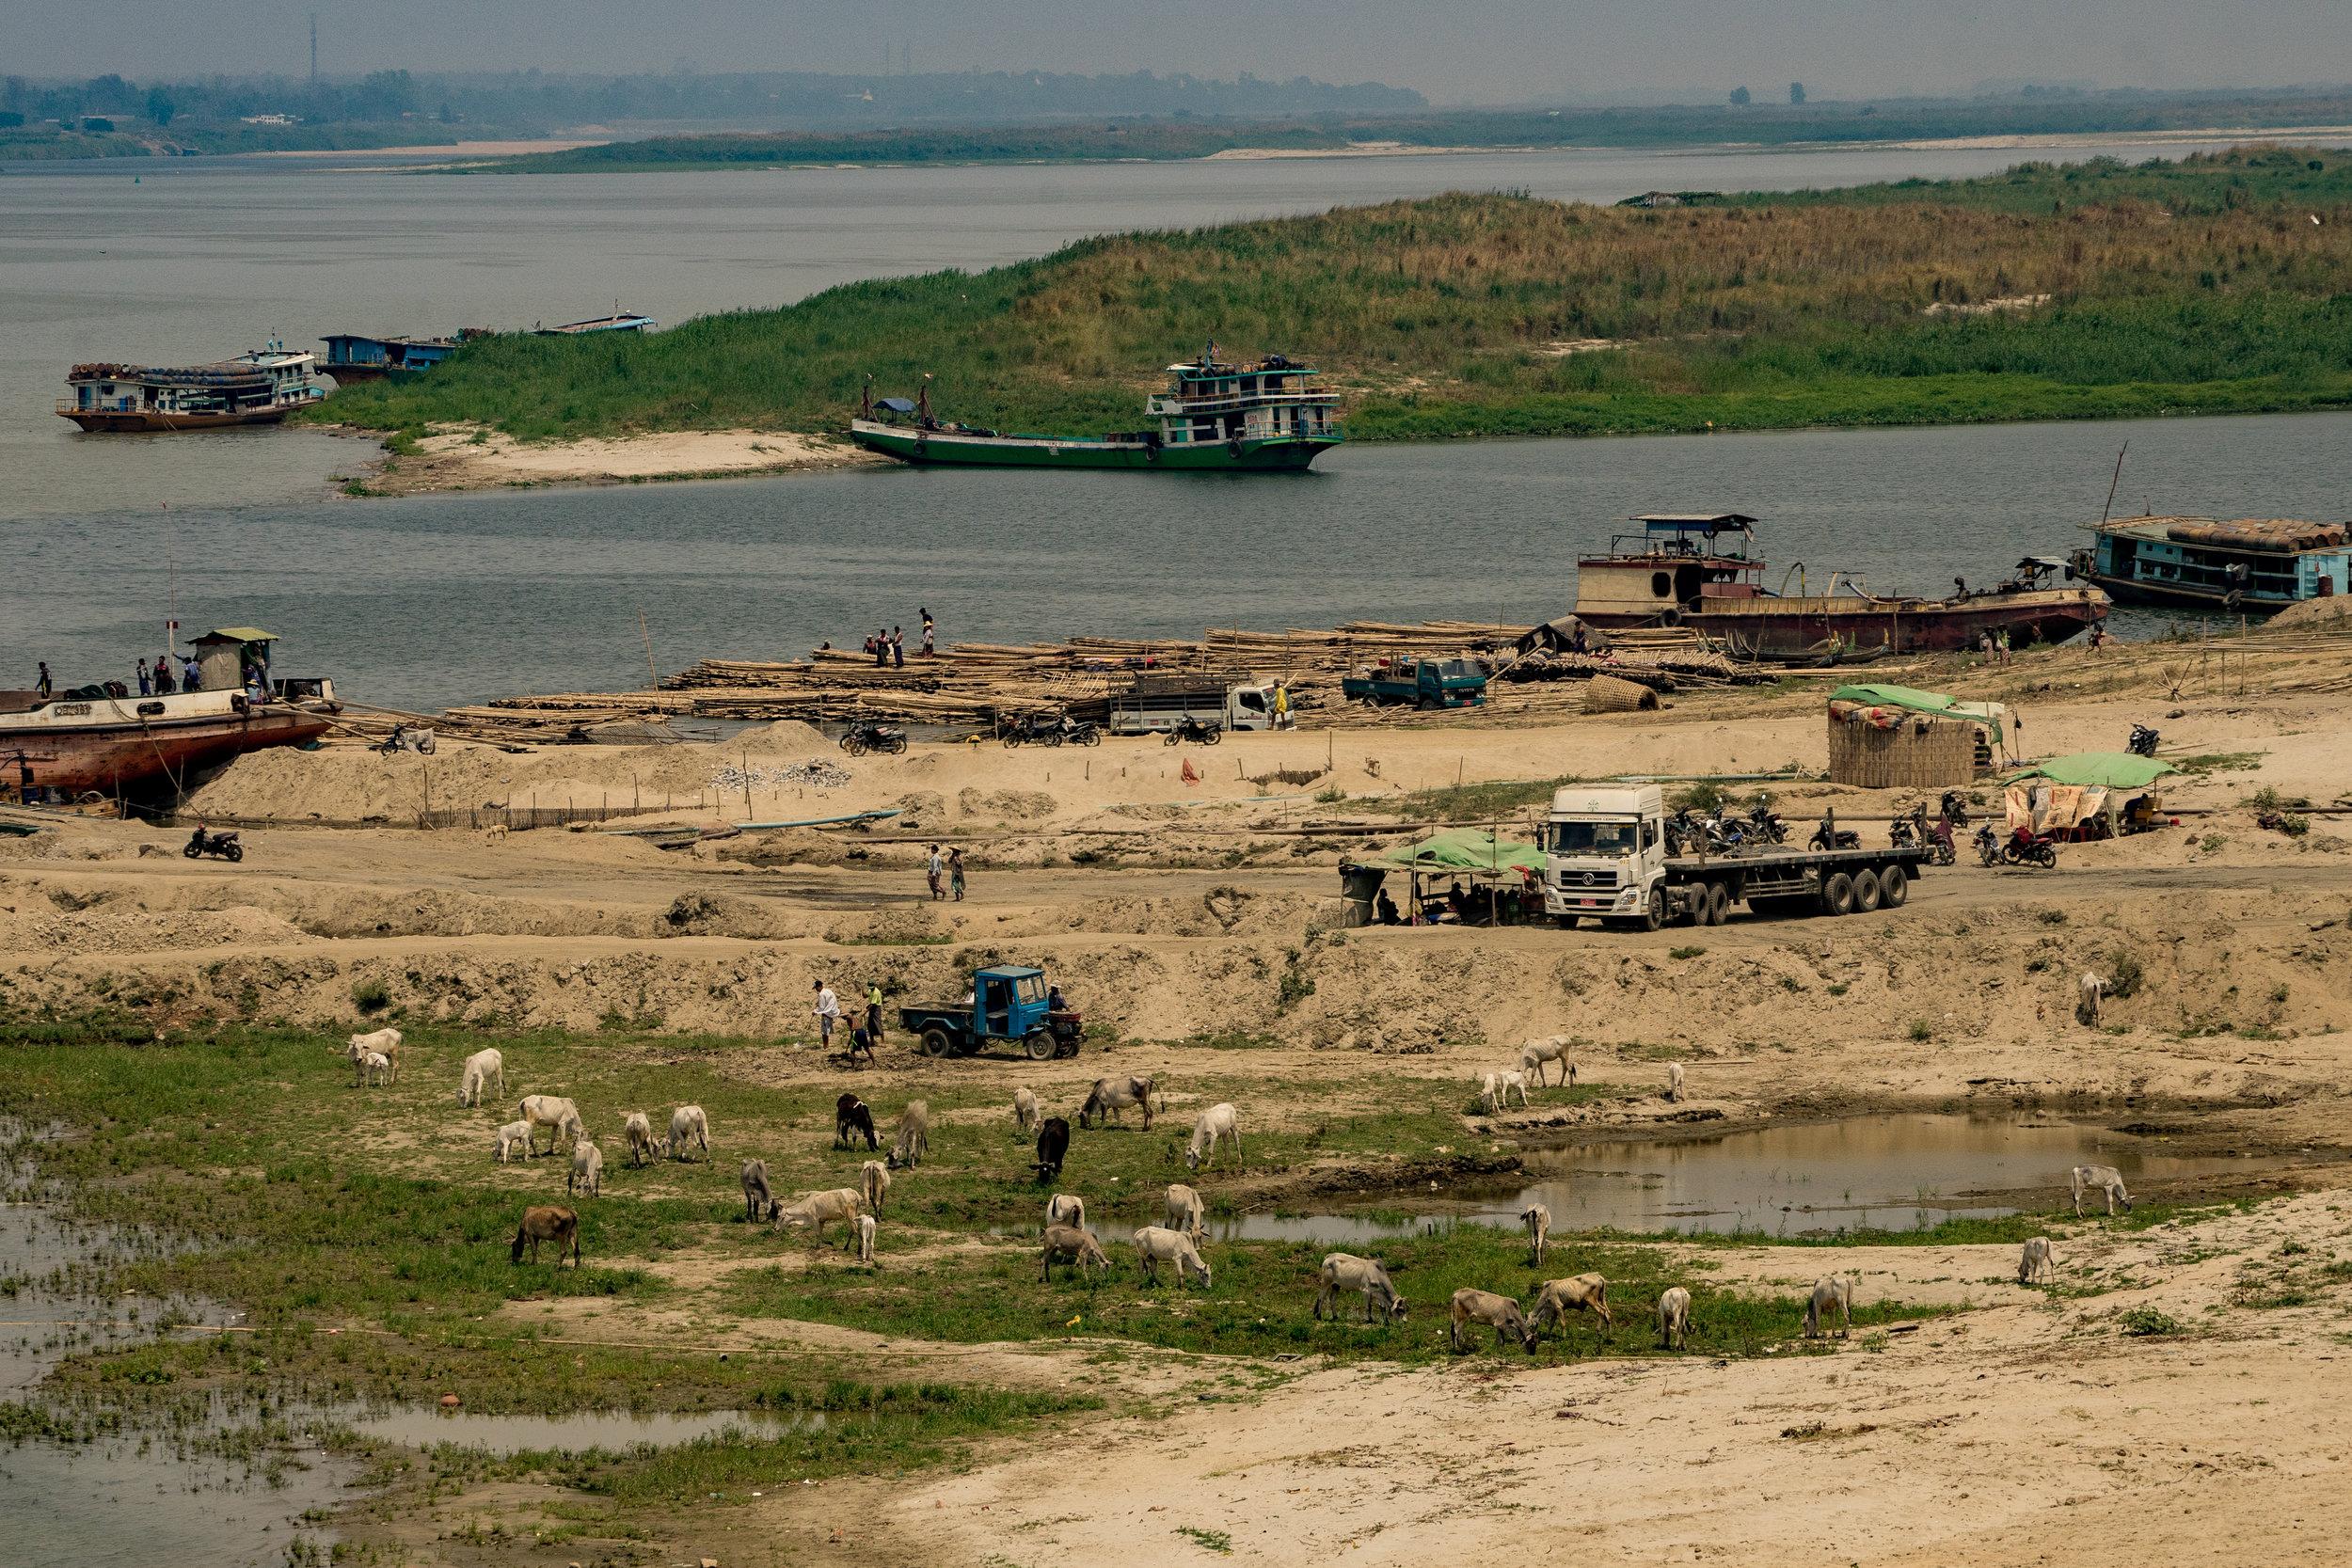 Harbor - Mandalay